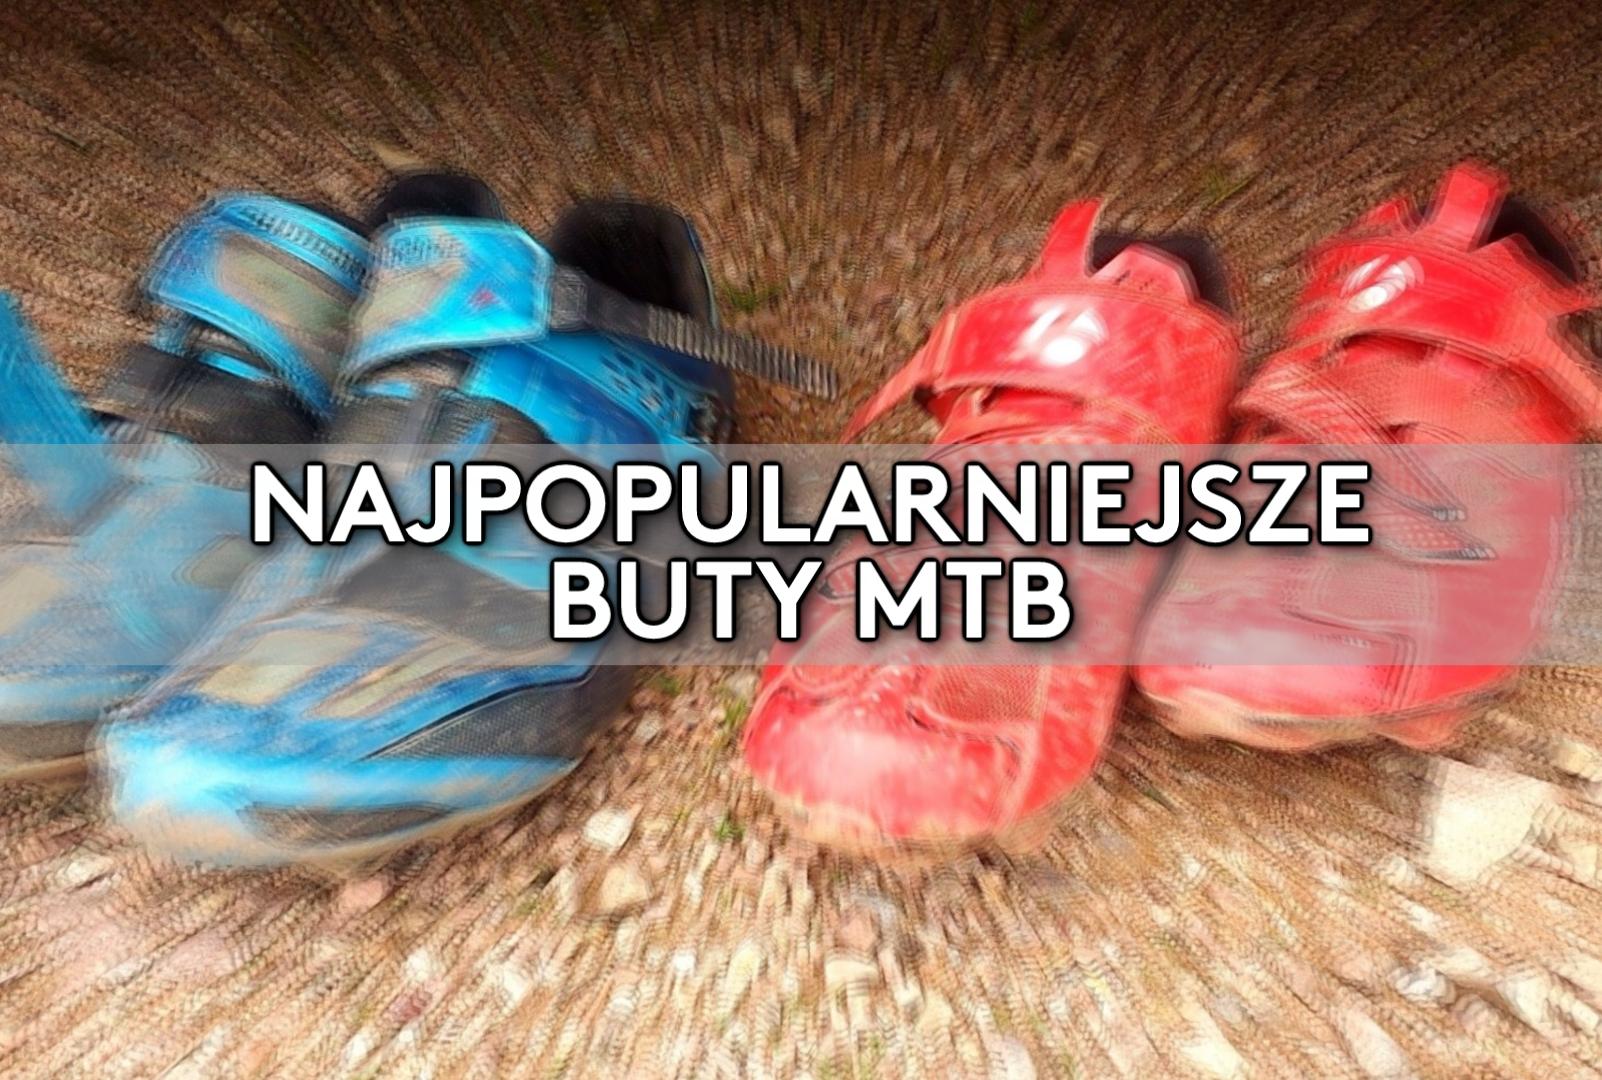 Najpopularniejsze buty MTB